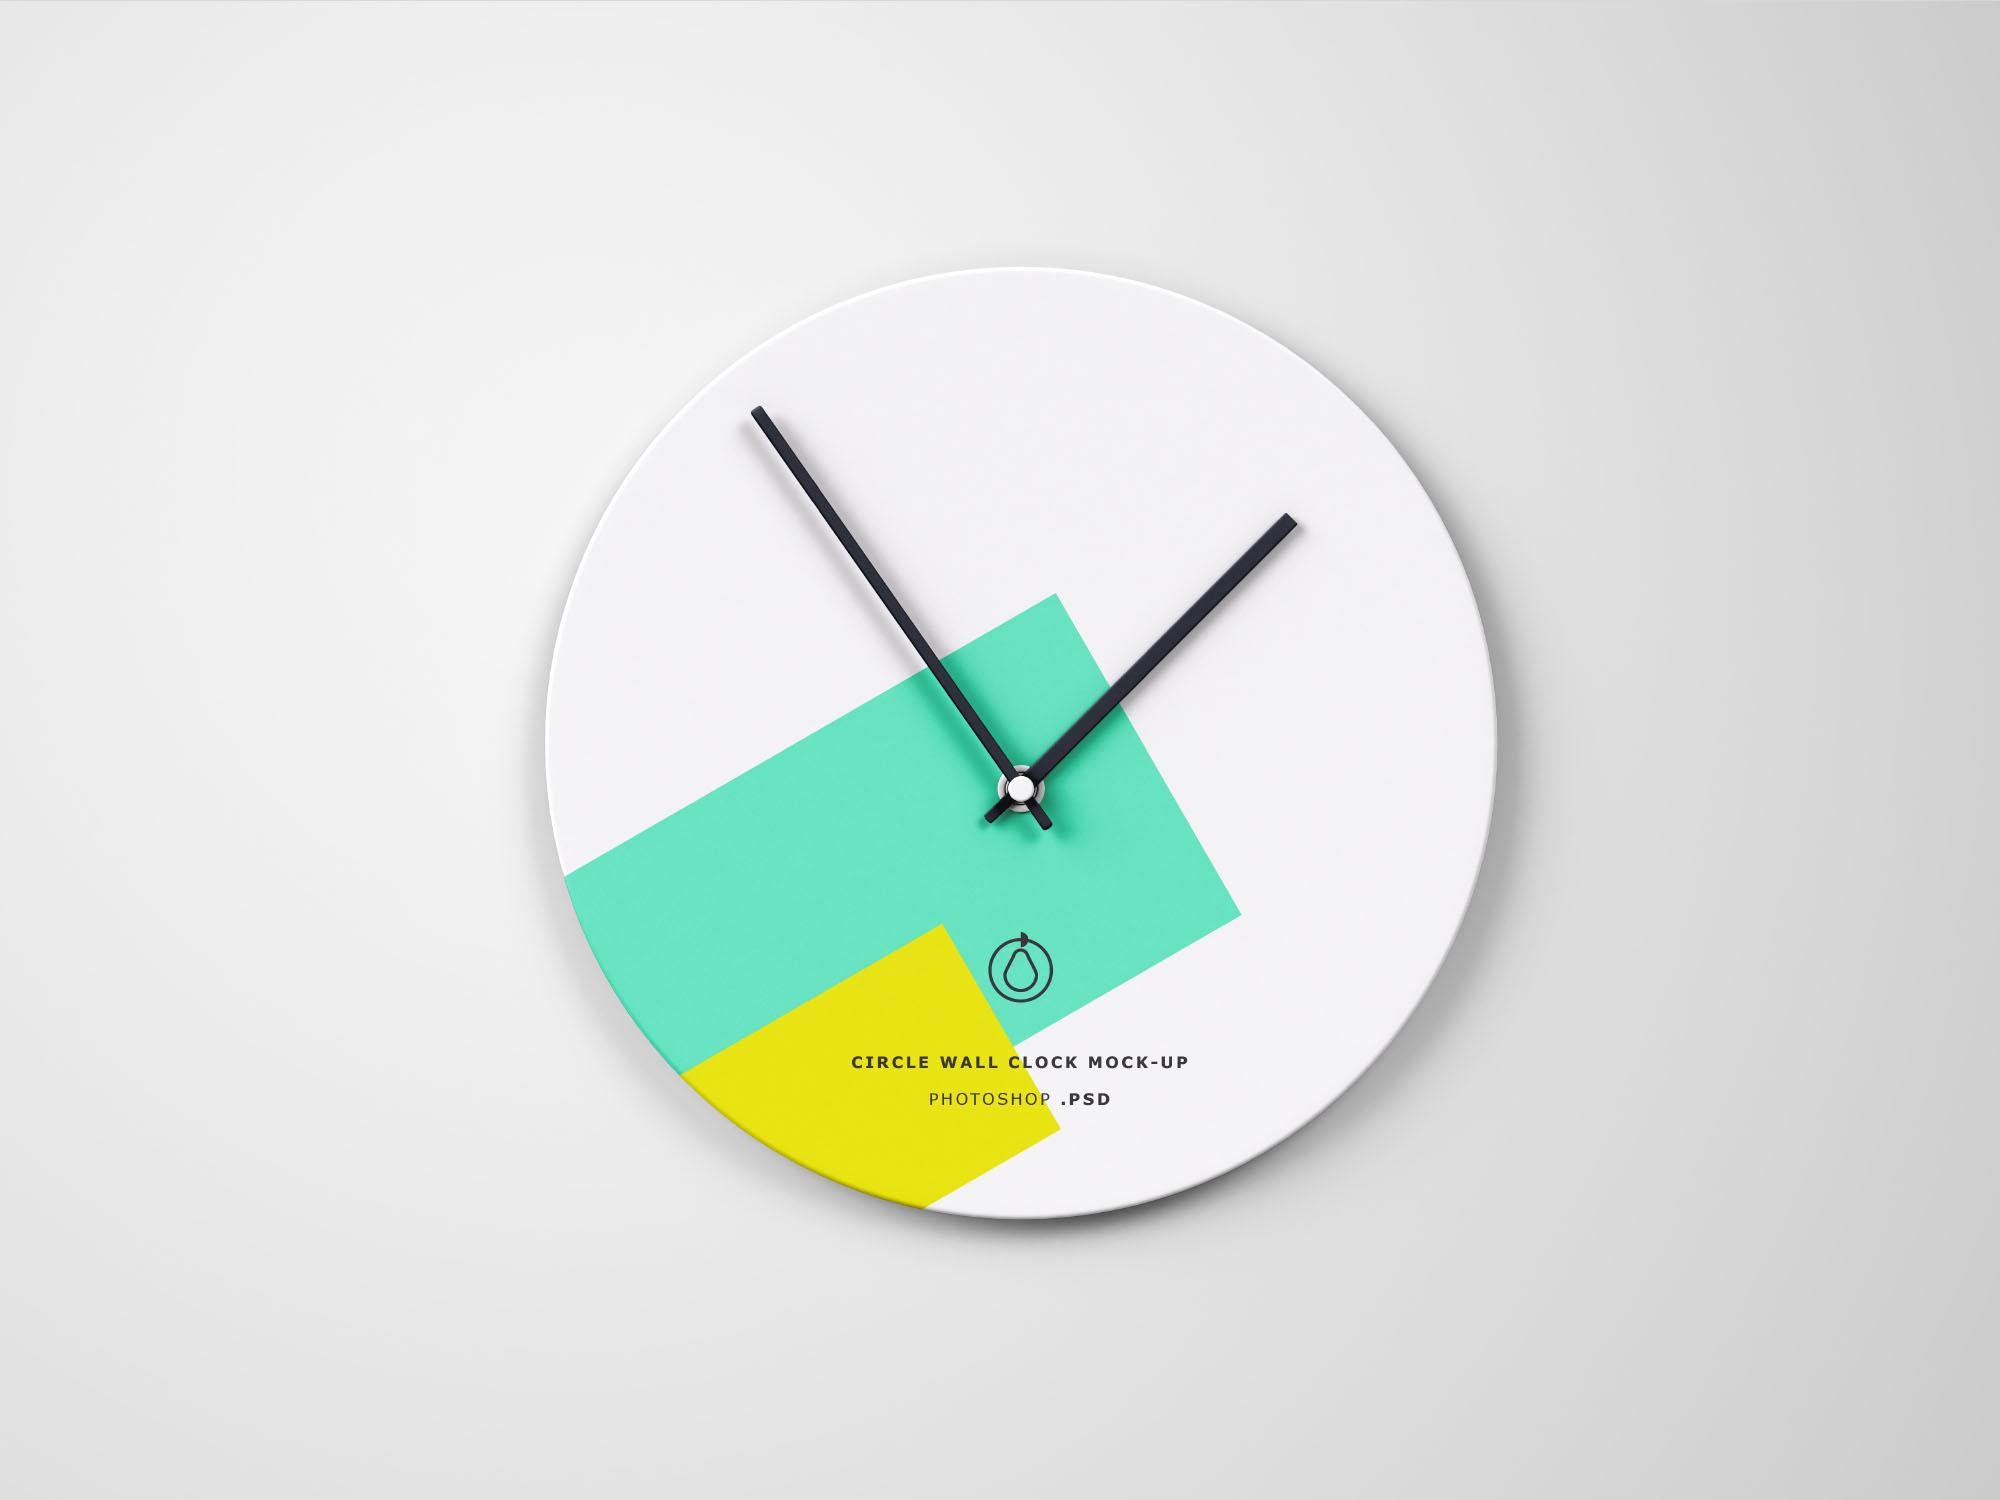 Free Circle Wall Clock Mockup